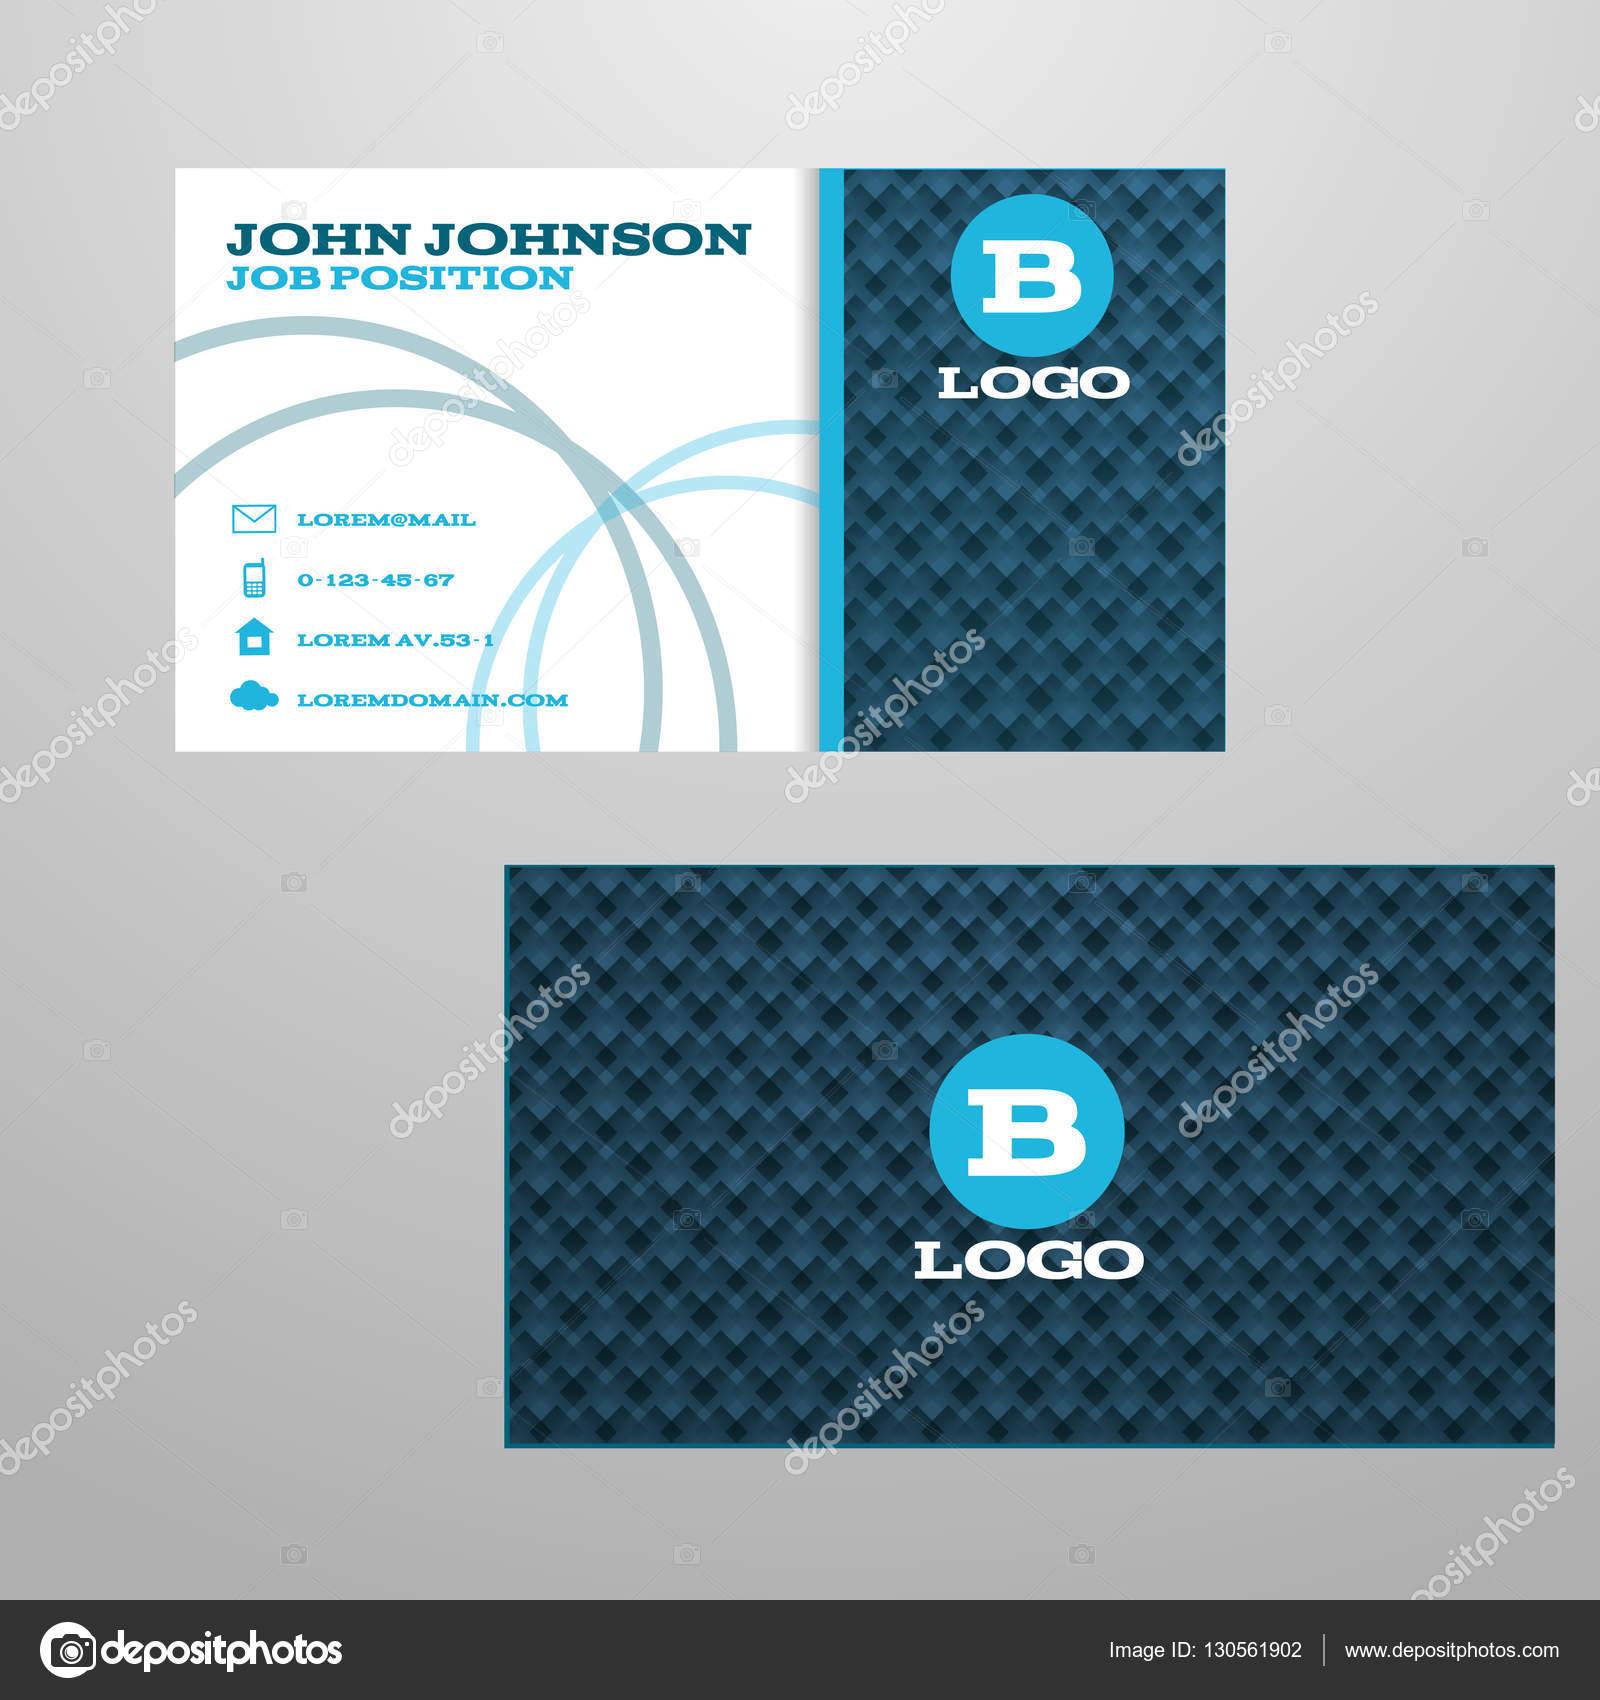 Cartes De Visite Bleu Cratif Vector Illustration Eps 10 Image Vectorielle